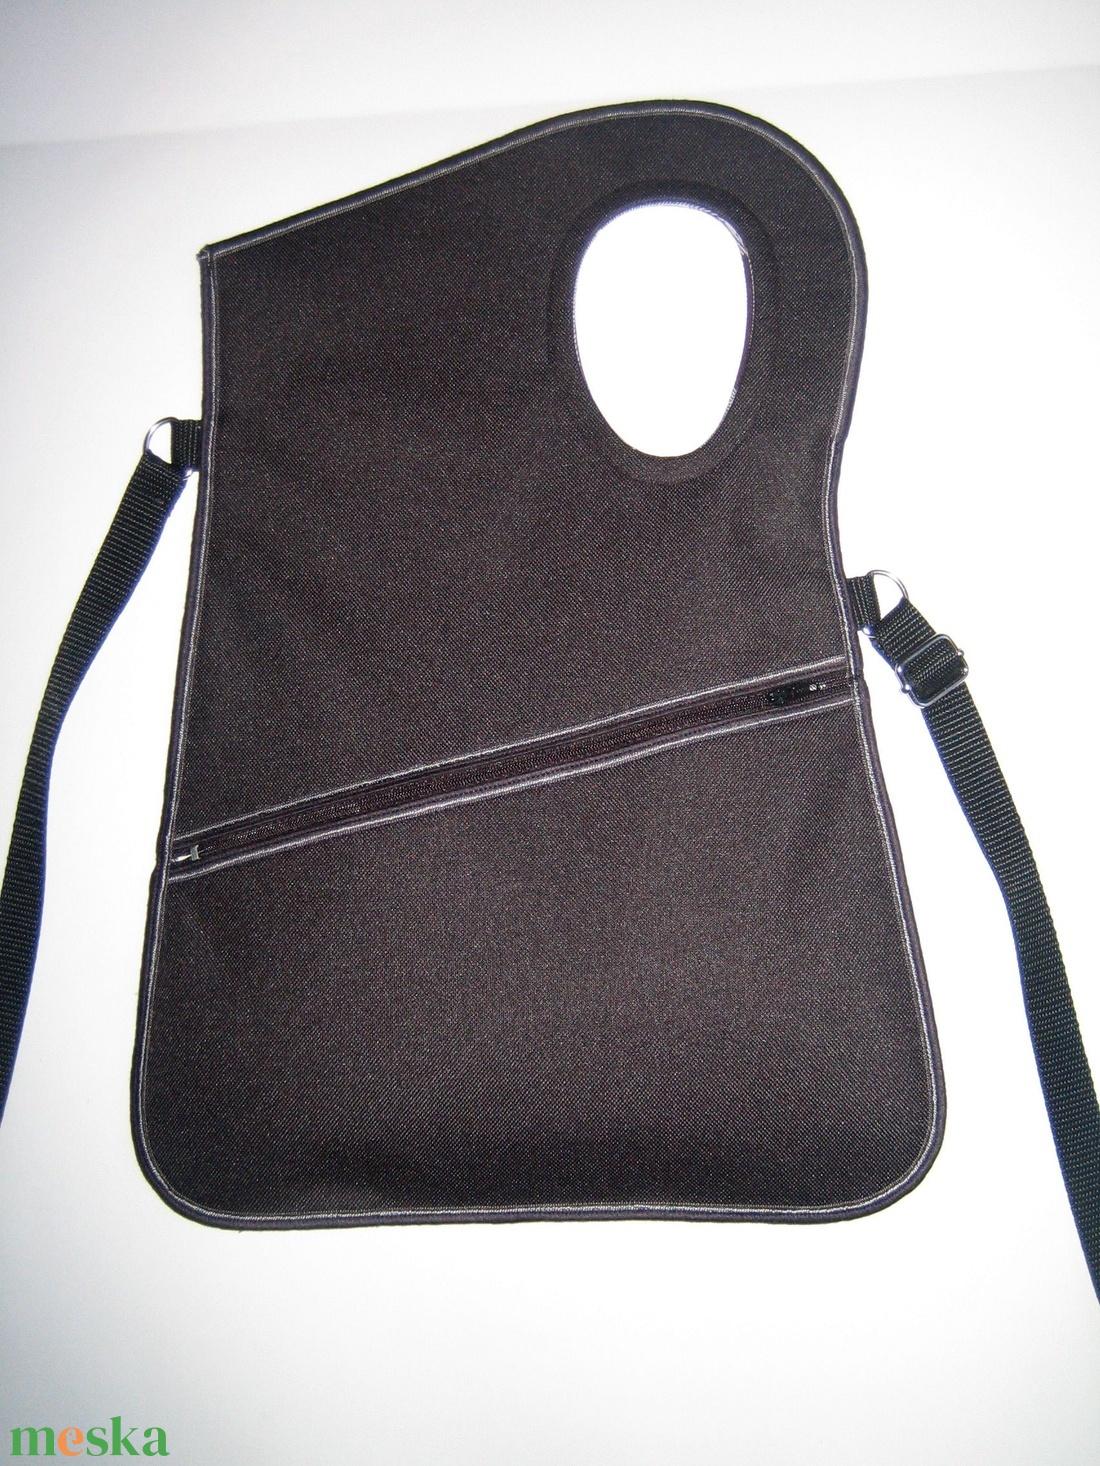 Aszimmetrikus kistáska oldaltáska fekete vízálló anyagból - táska & tok - kézitáska & válltáska - vállon átvethető táska - Meska.hu